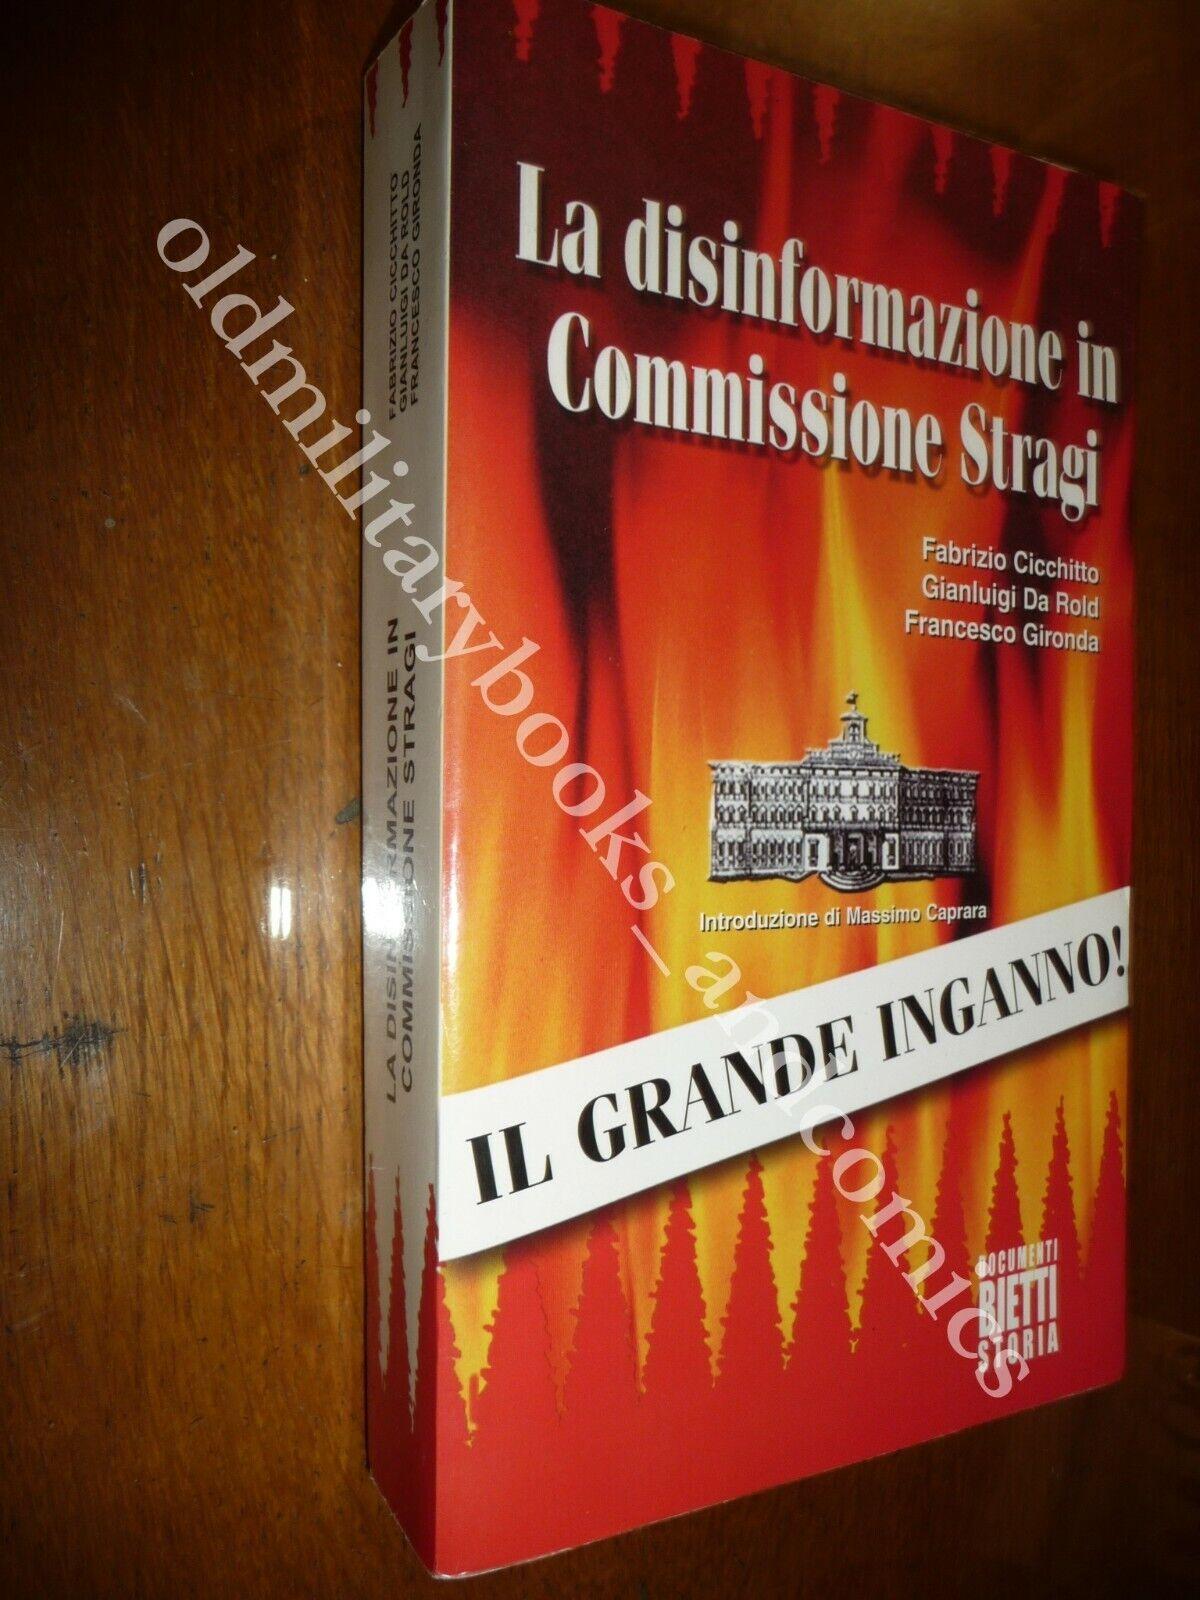 LA DISINFORMAZIONE IN COMMISSIONE STRAGI IL GRANDE INGANNO! CICCHITTO DA ROLD